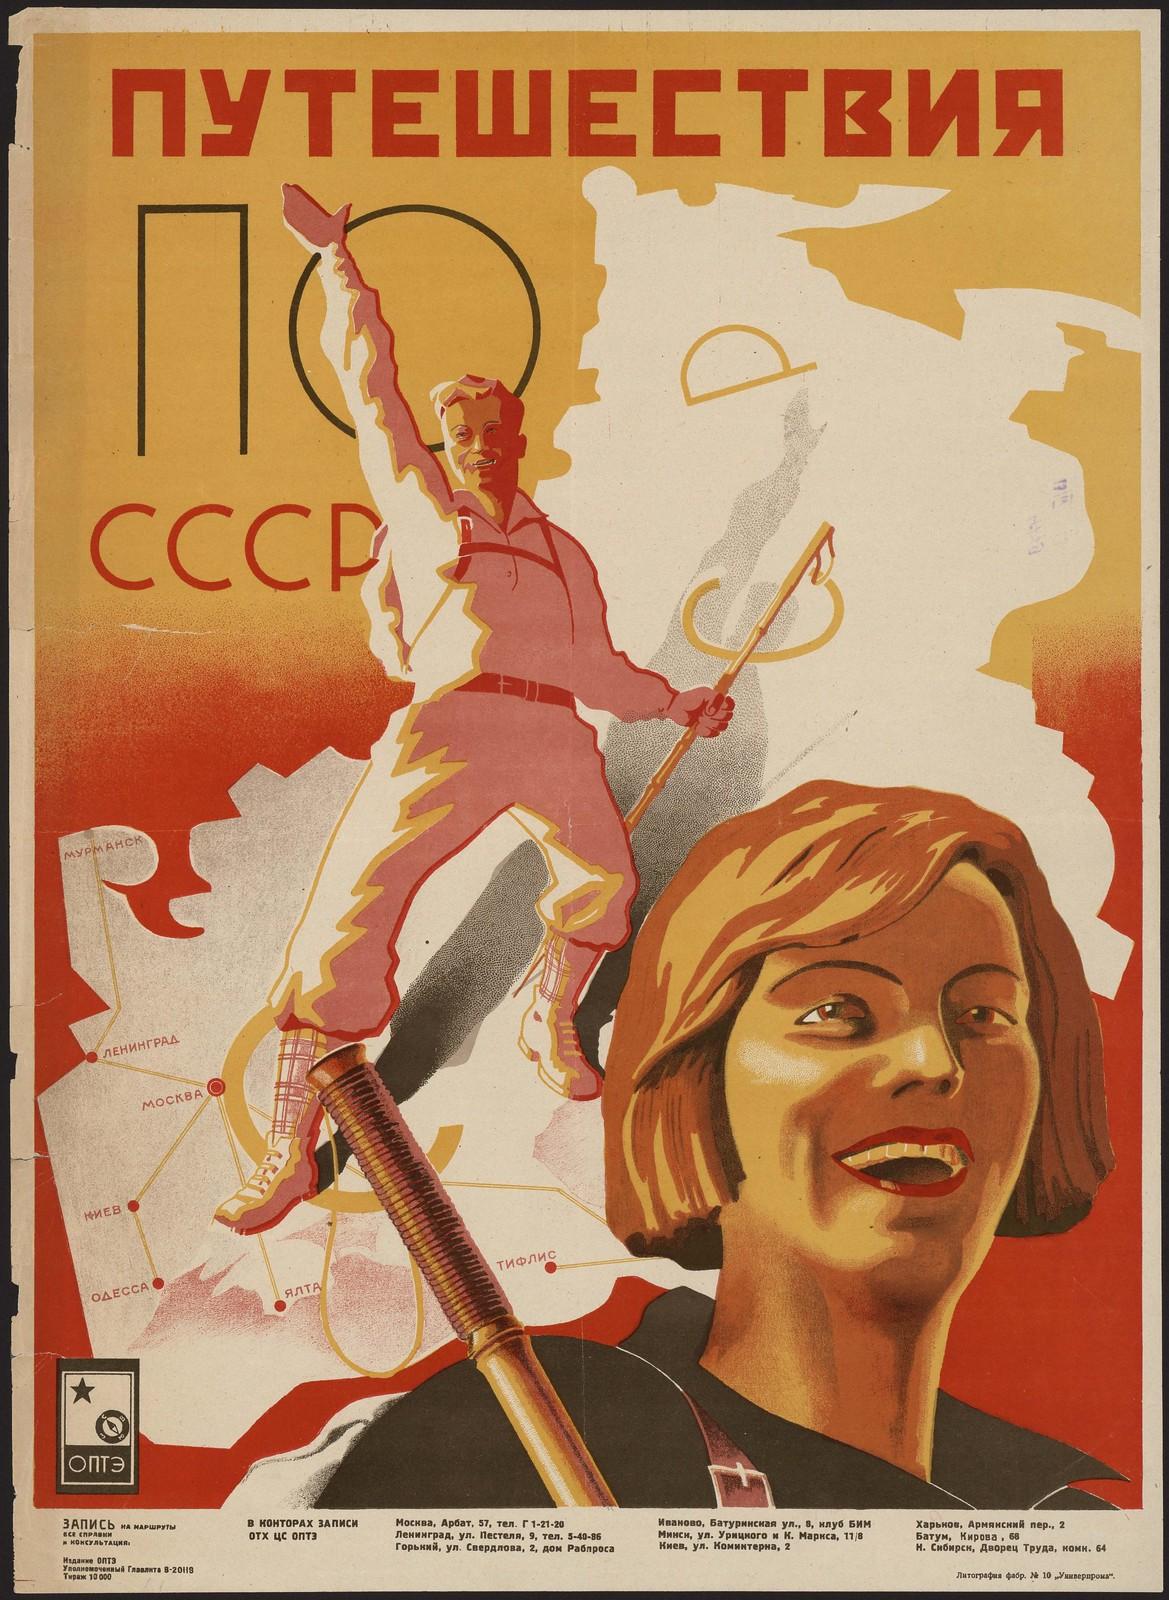 1935. Путешествия по СССР